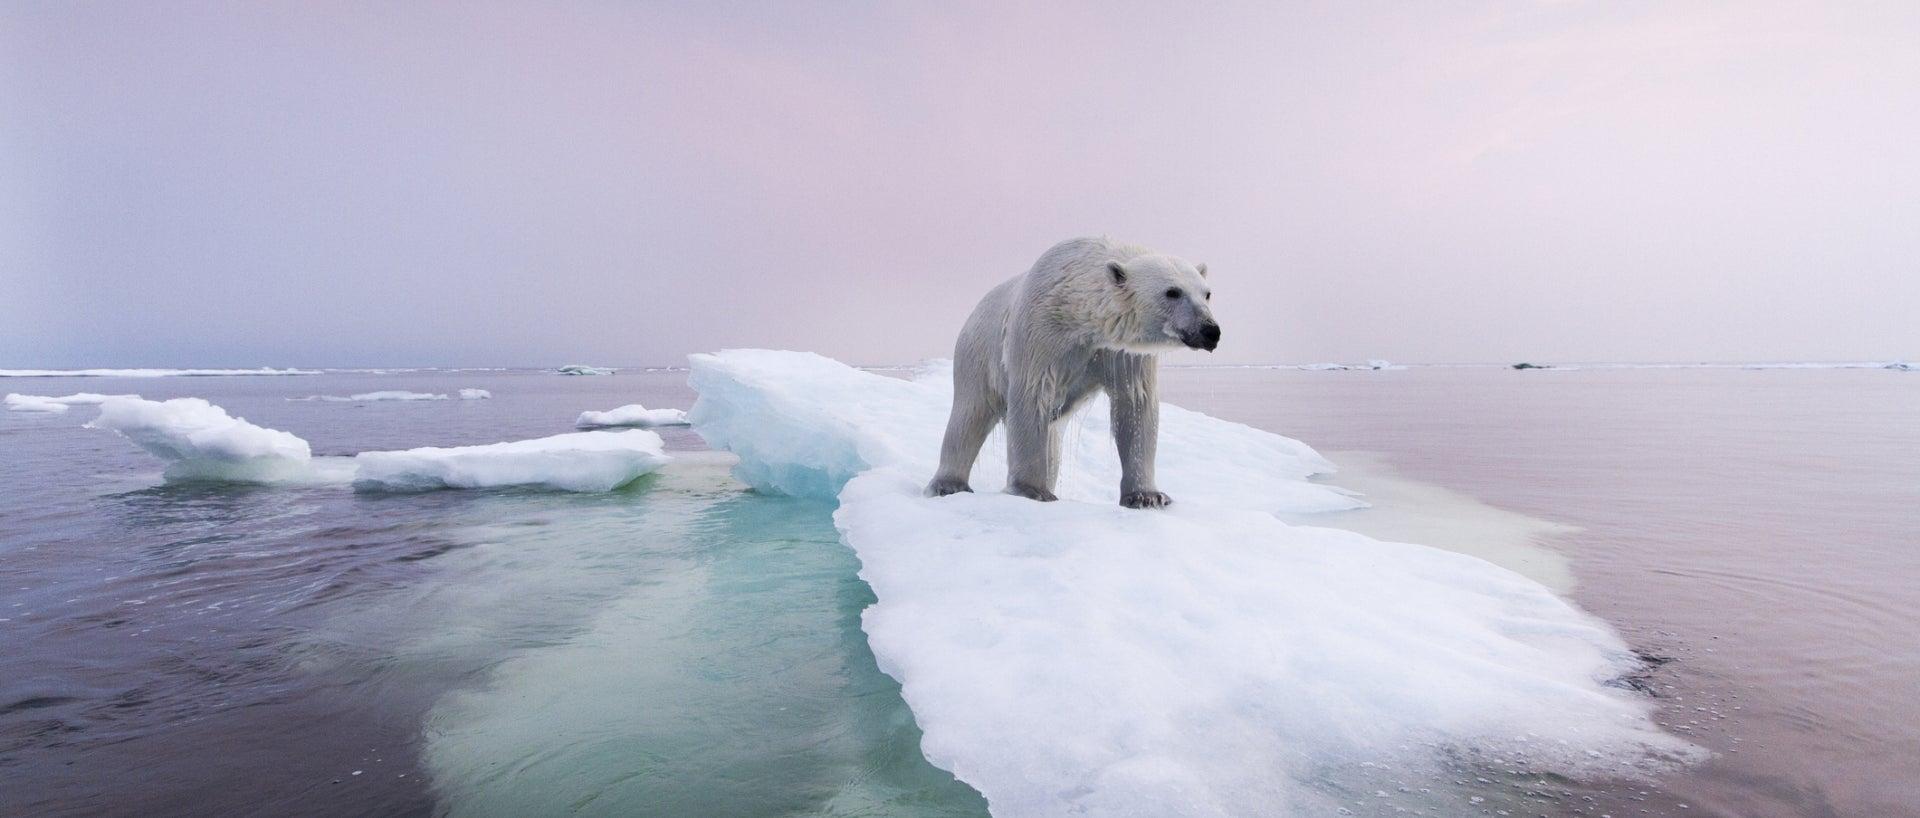 Polar bear on ice chunk